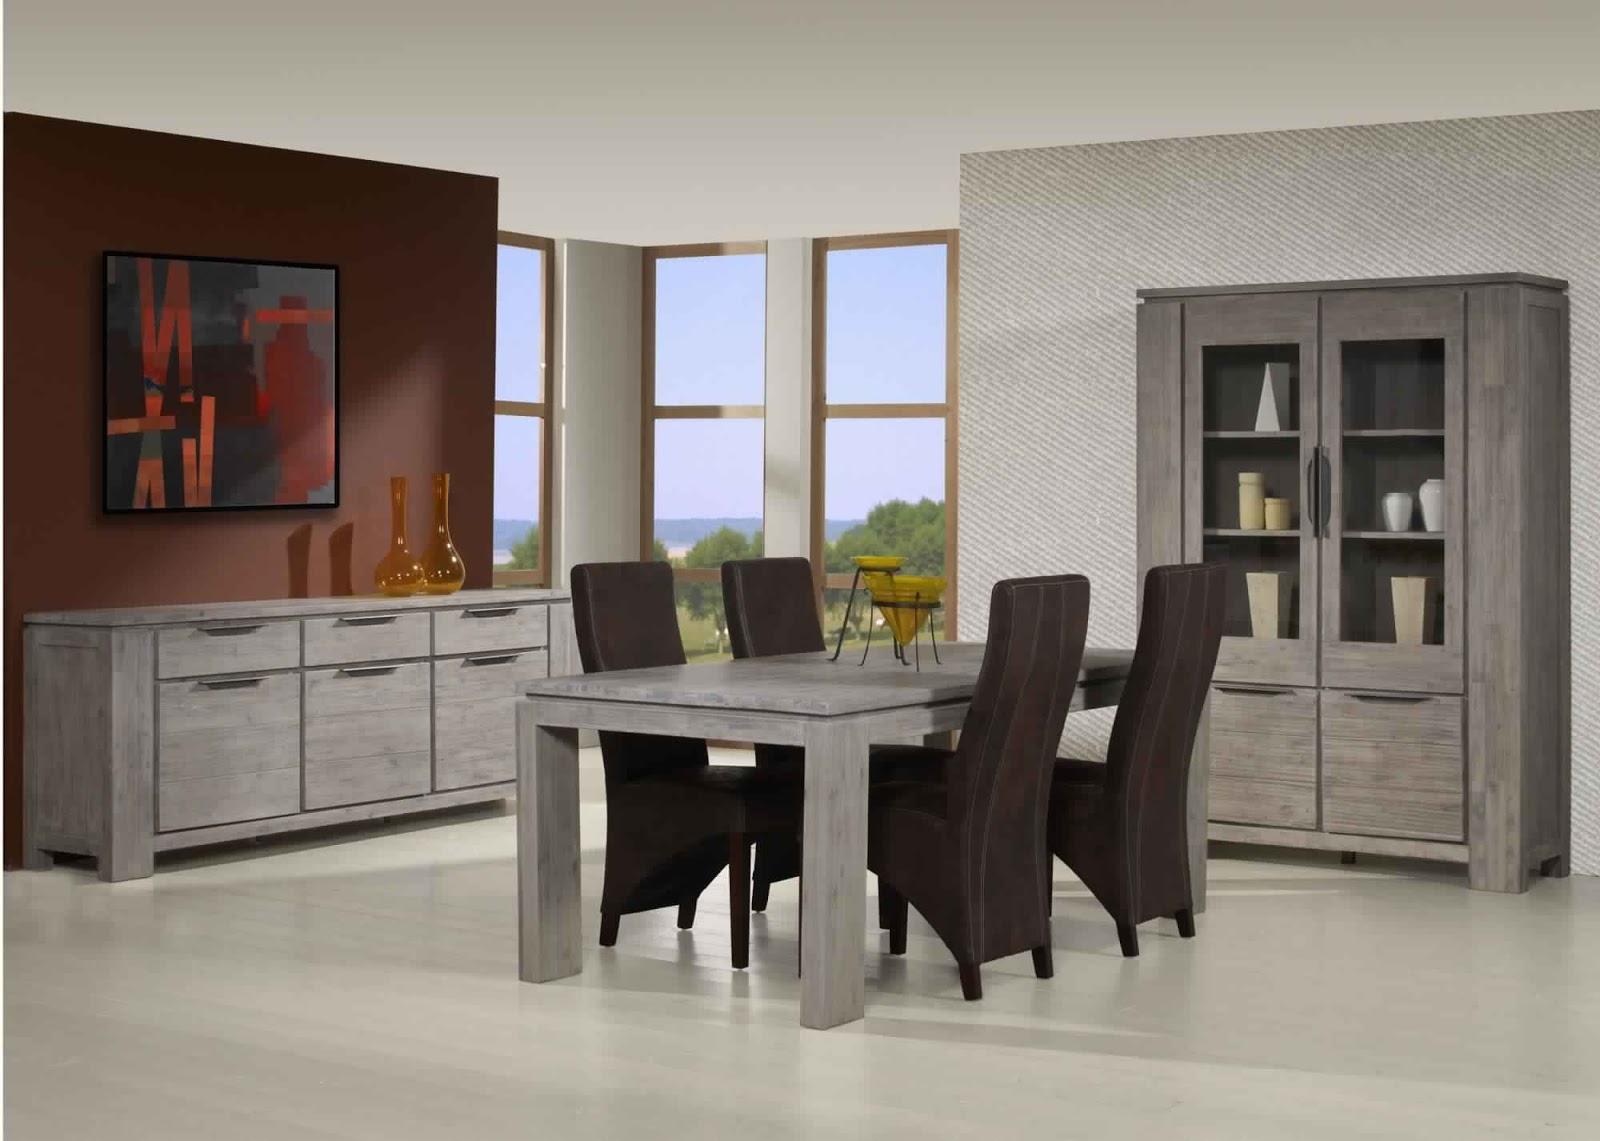 salle a manger moderne alinea. Black Bedroom Furniture Sets. Home Design Ideas